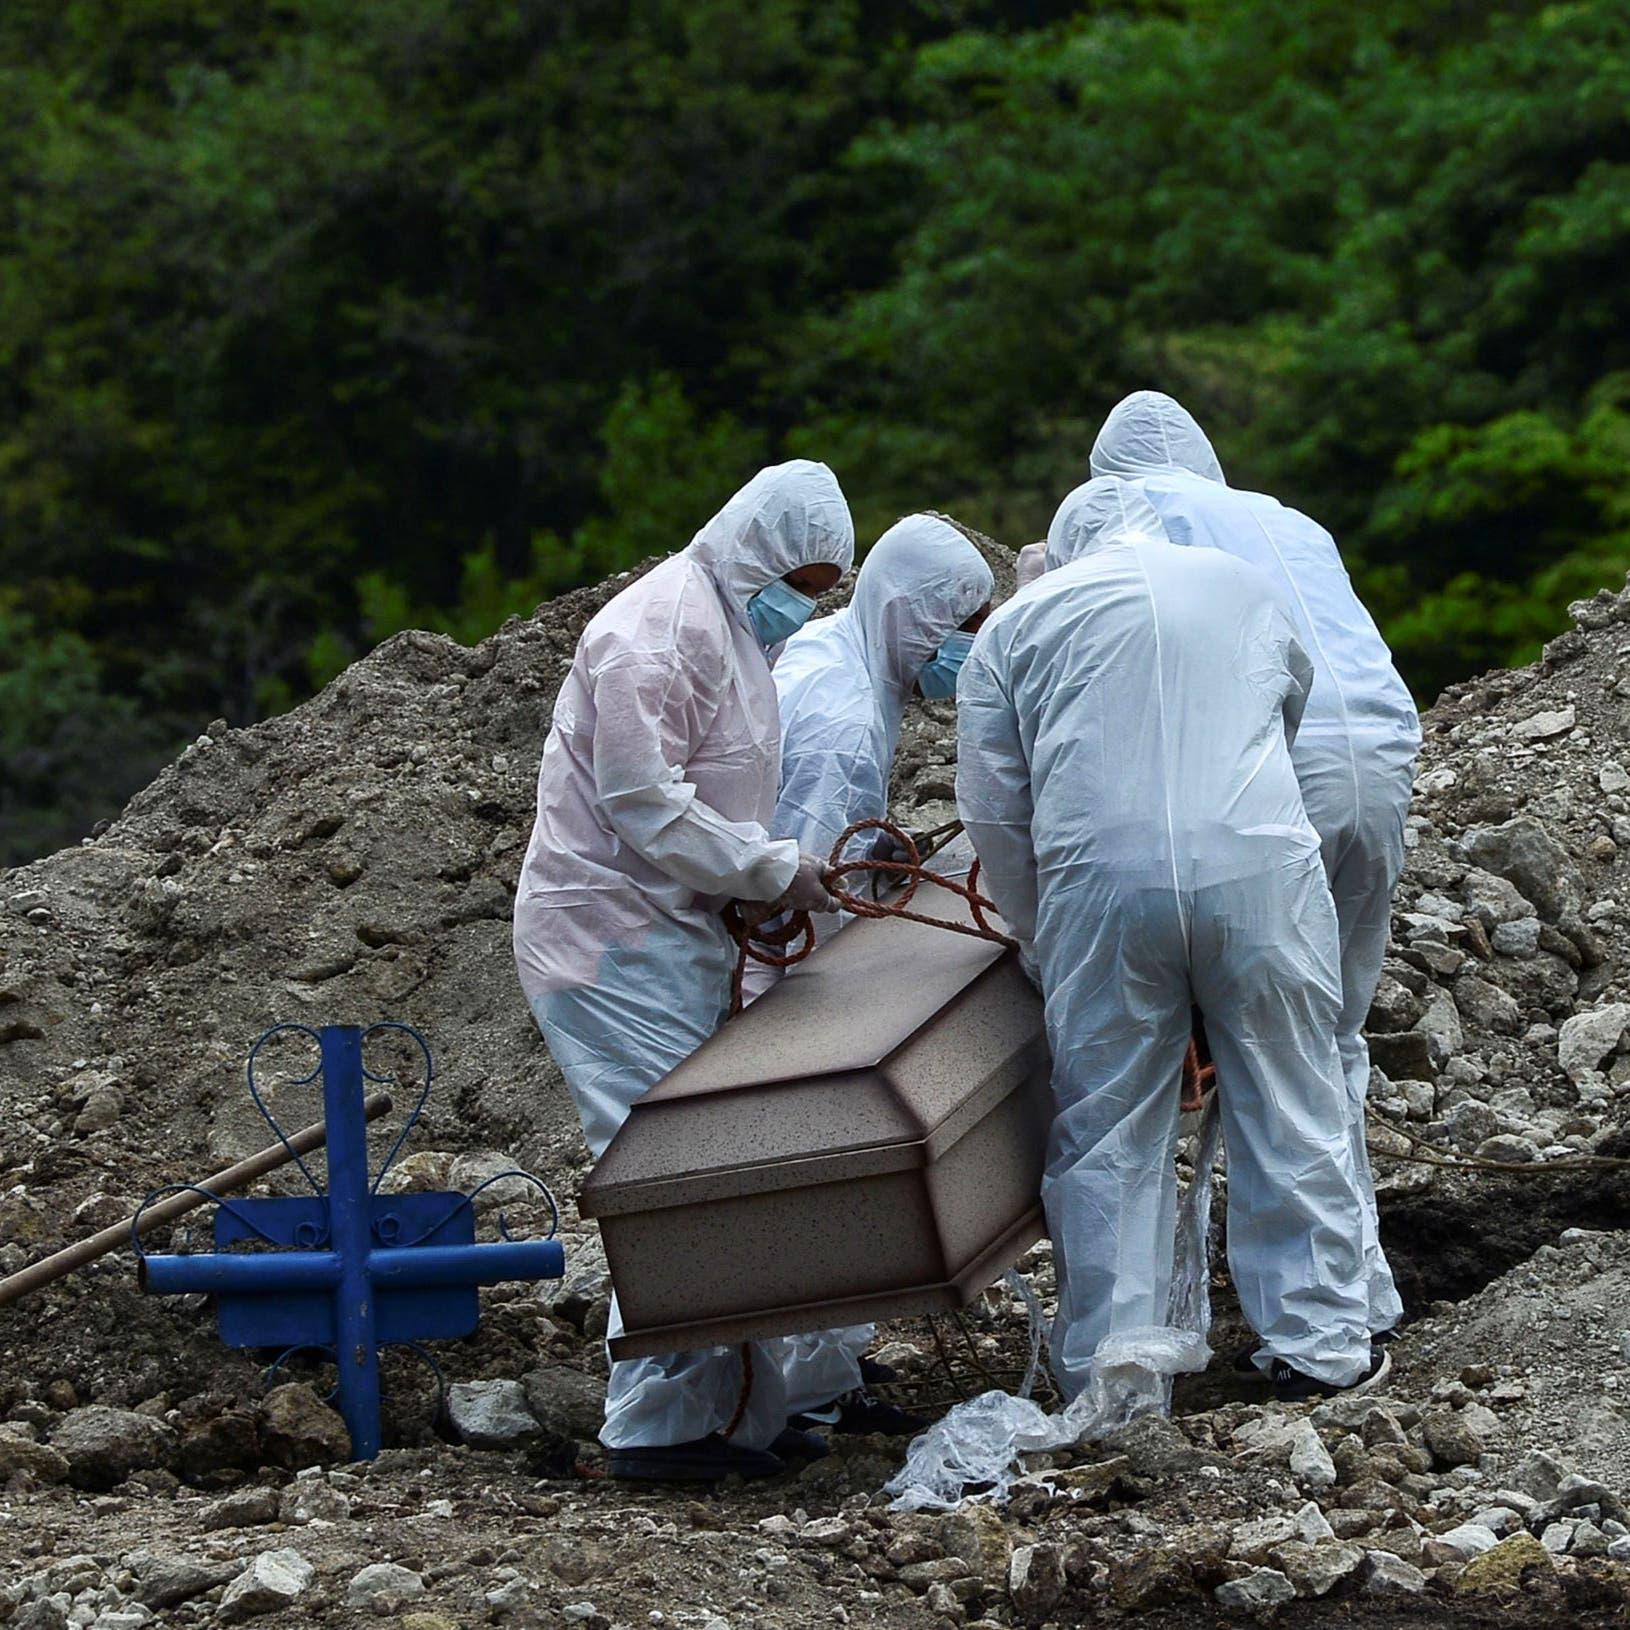 288 وفاة بكورونا بأميركا.. وإصابات روسيا الأقل منذ شهرين